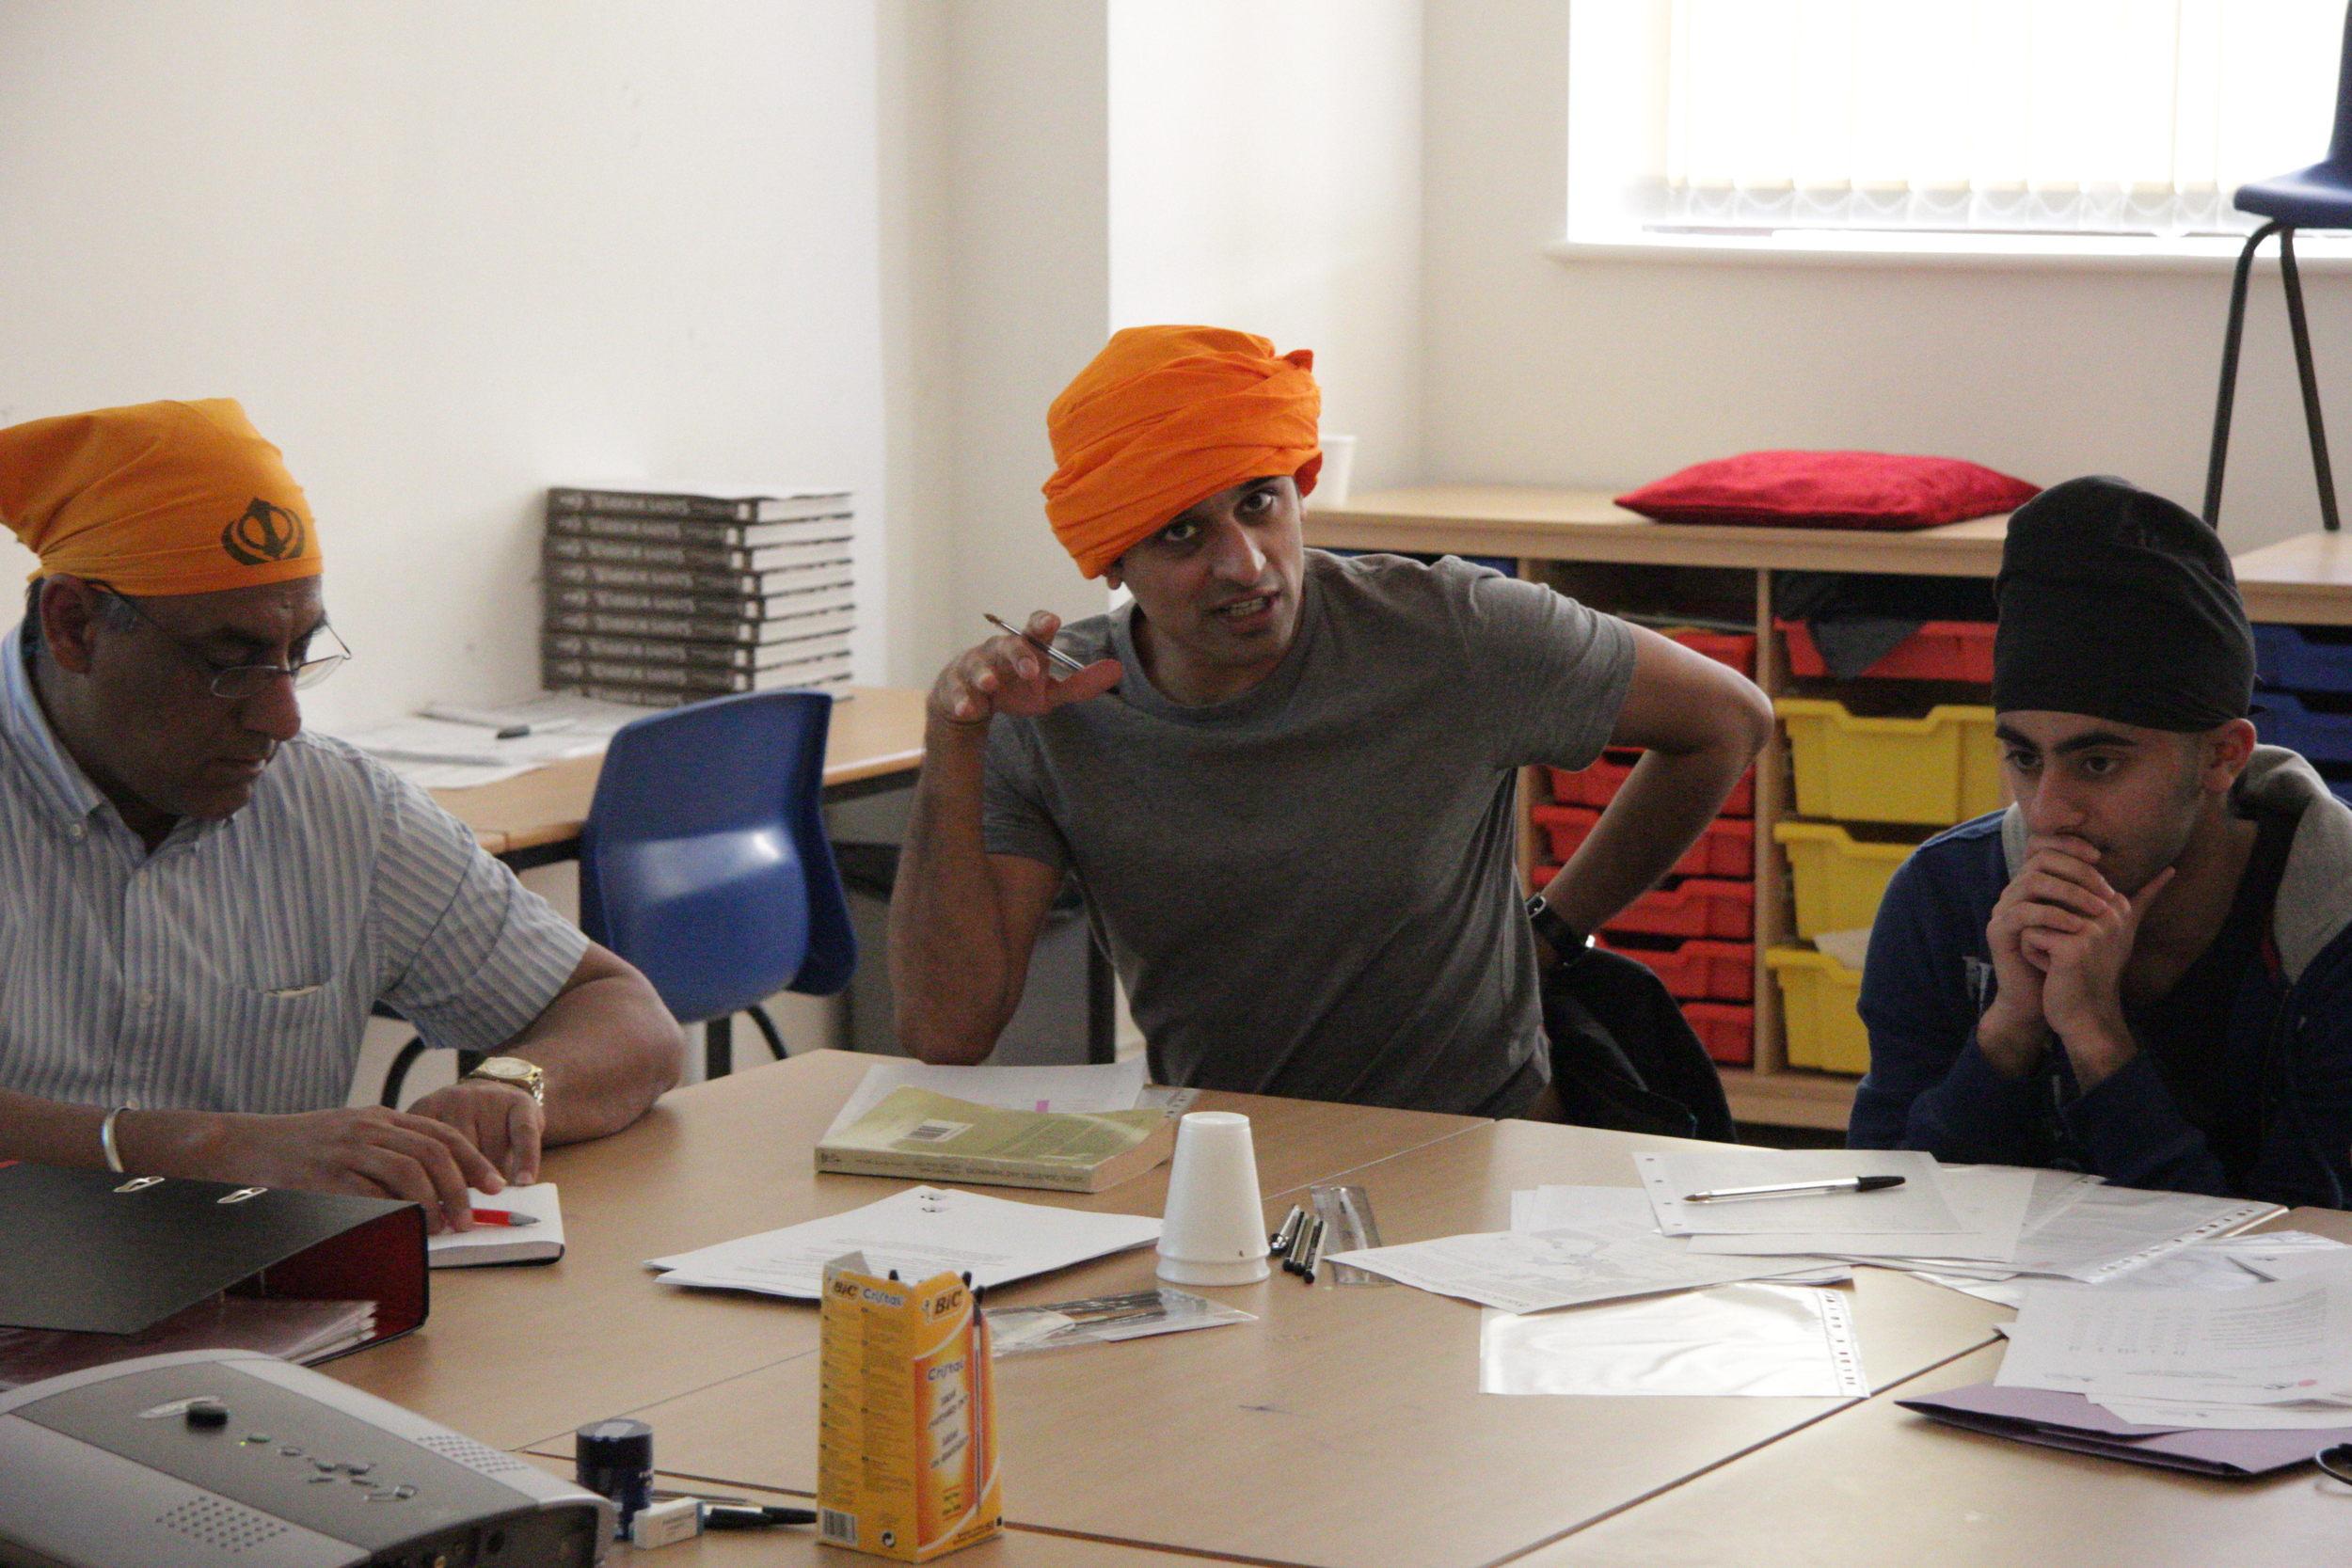 Avin Shah sports an interesting turban design - he cuts a certain dash, eh?